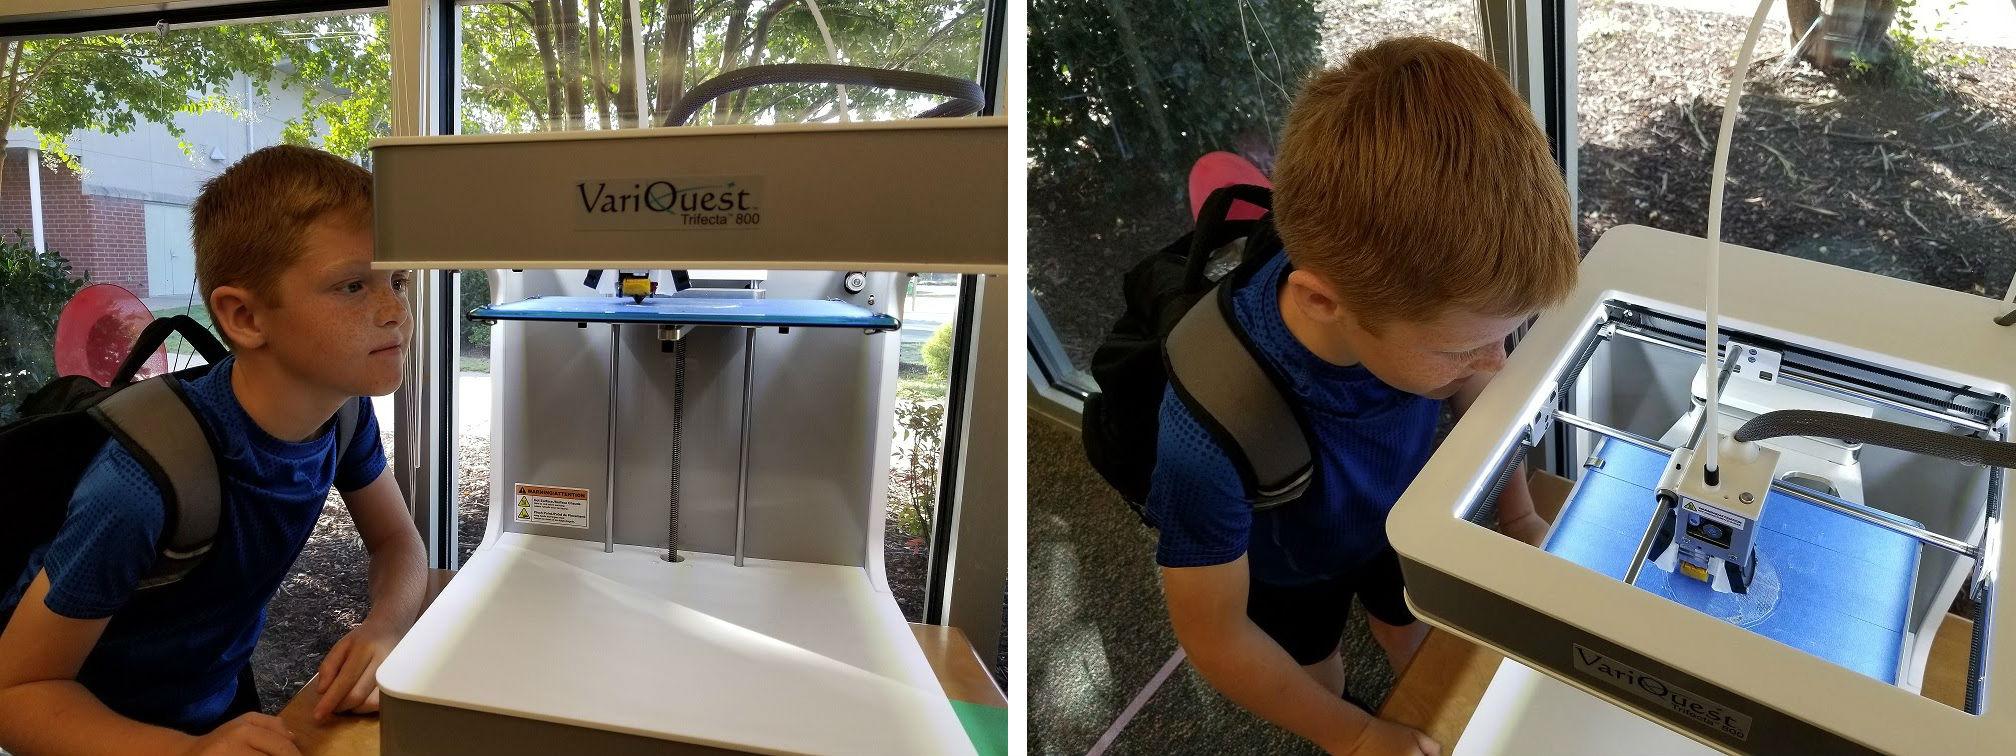 holly-grove-elementary-3D-Printing header.jpg